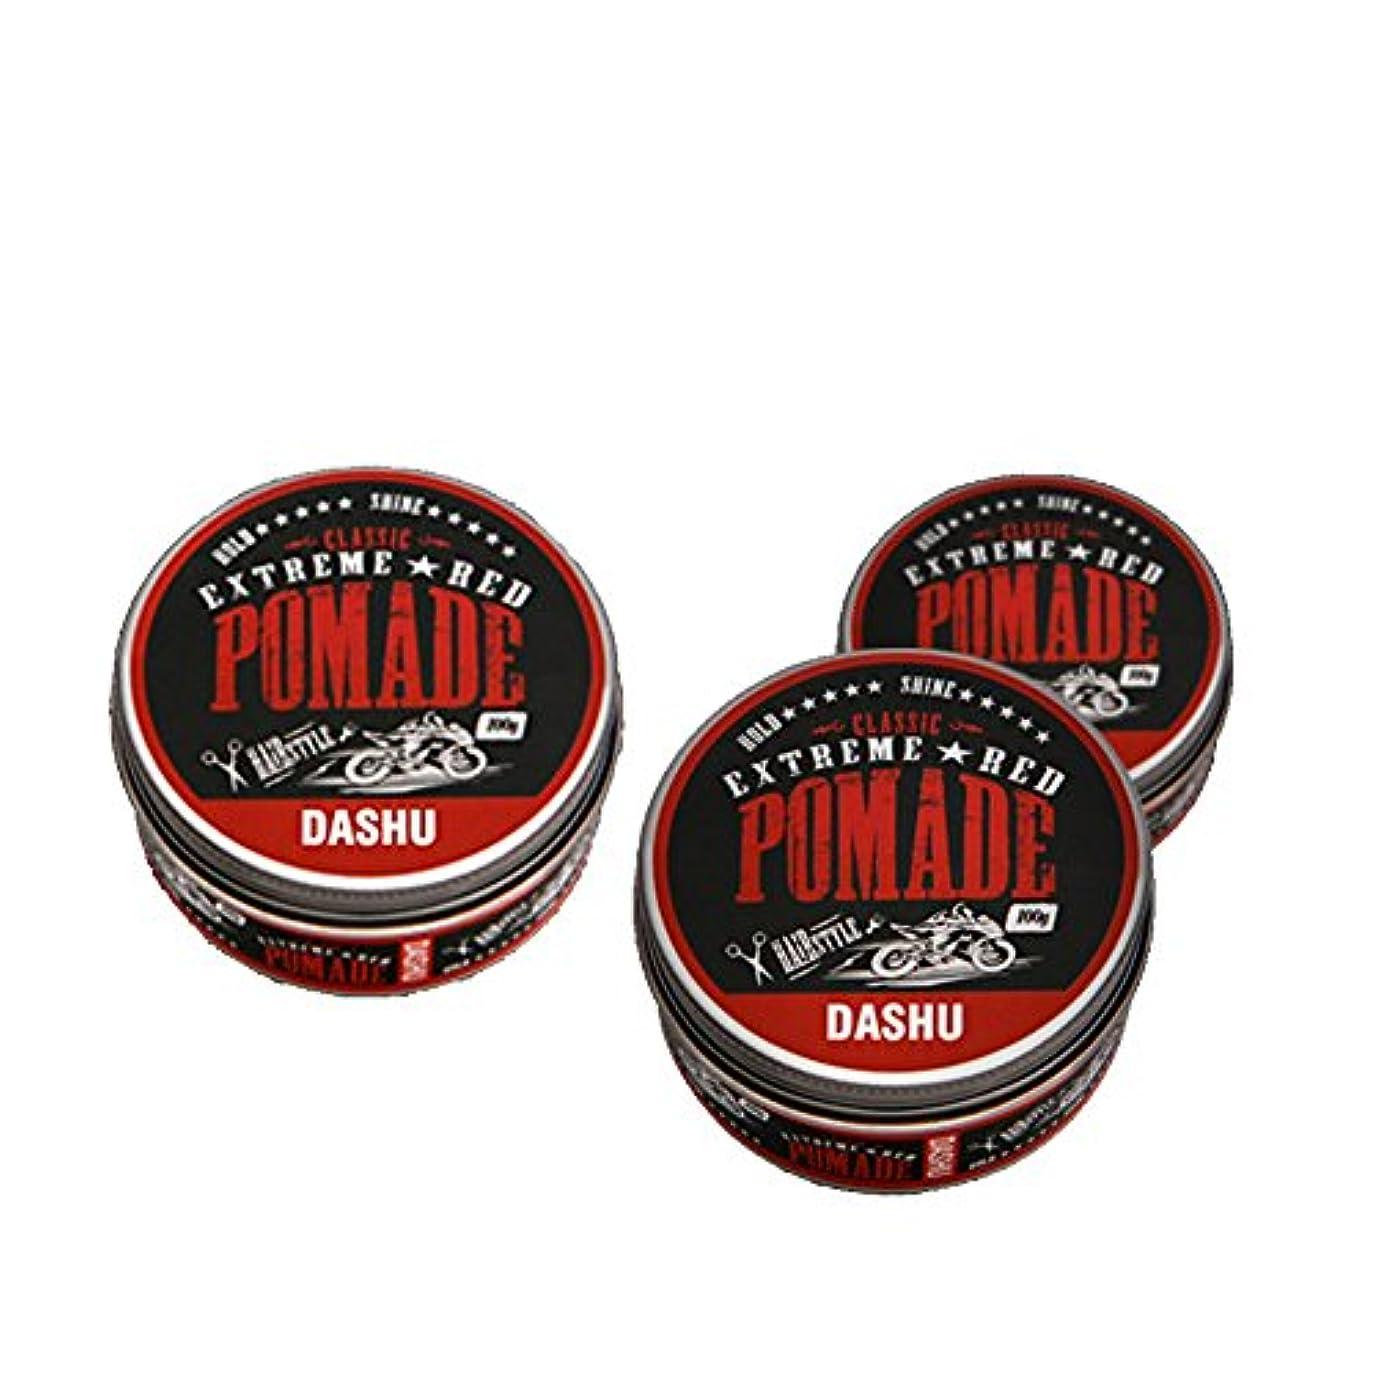 メキシコ美容師お酢(3個セット) x [DASHU] ダシュ クラシックエクストリームレッドポマード Classic Extreme Red Pomade Hair Wax 100ml / 韓国製 . 韓国直送品